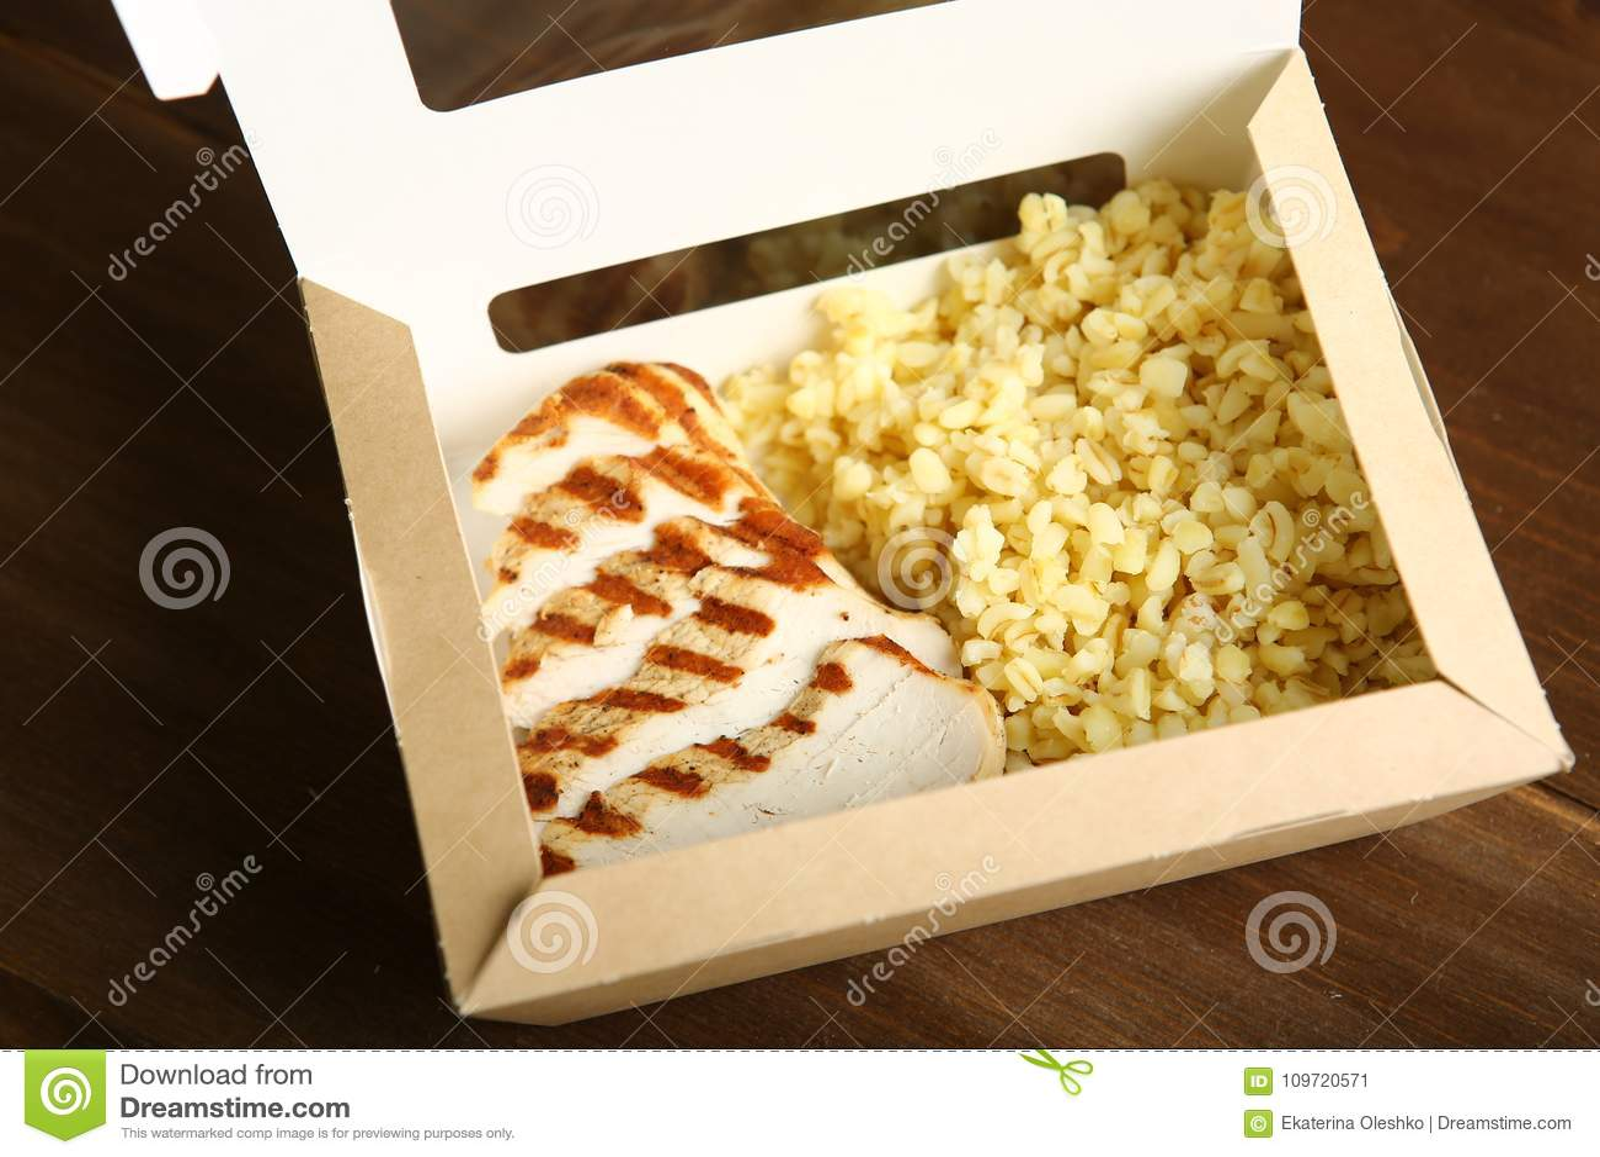 Geroosterde kip met plakken in een document container